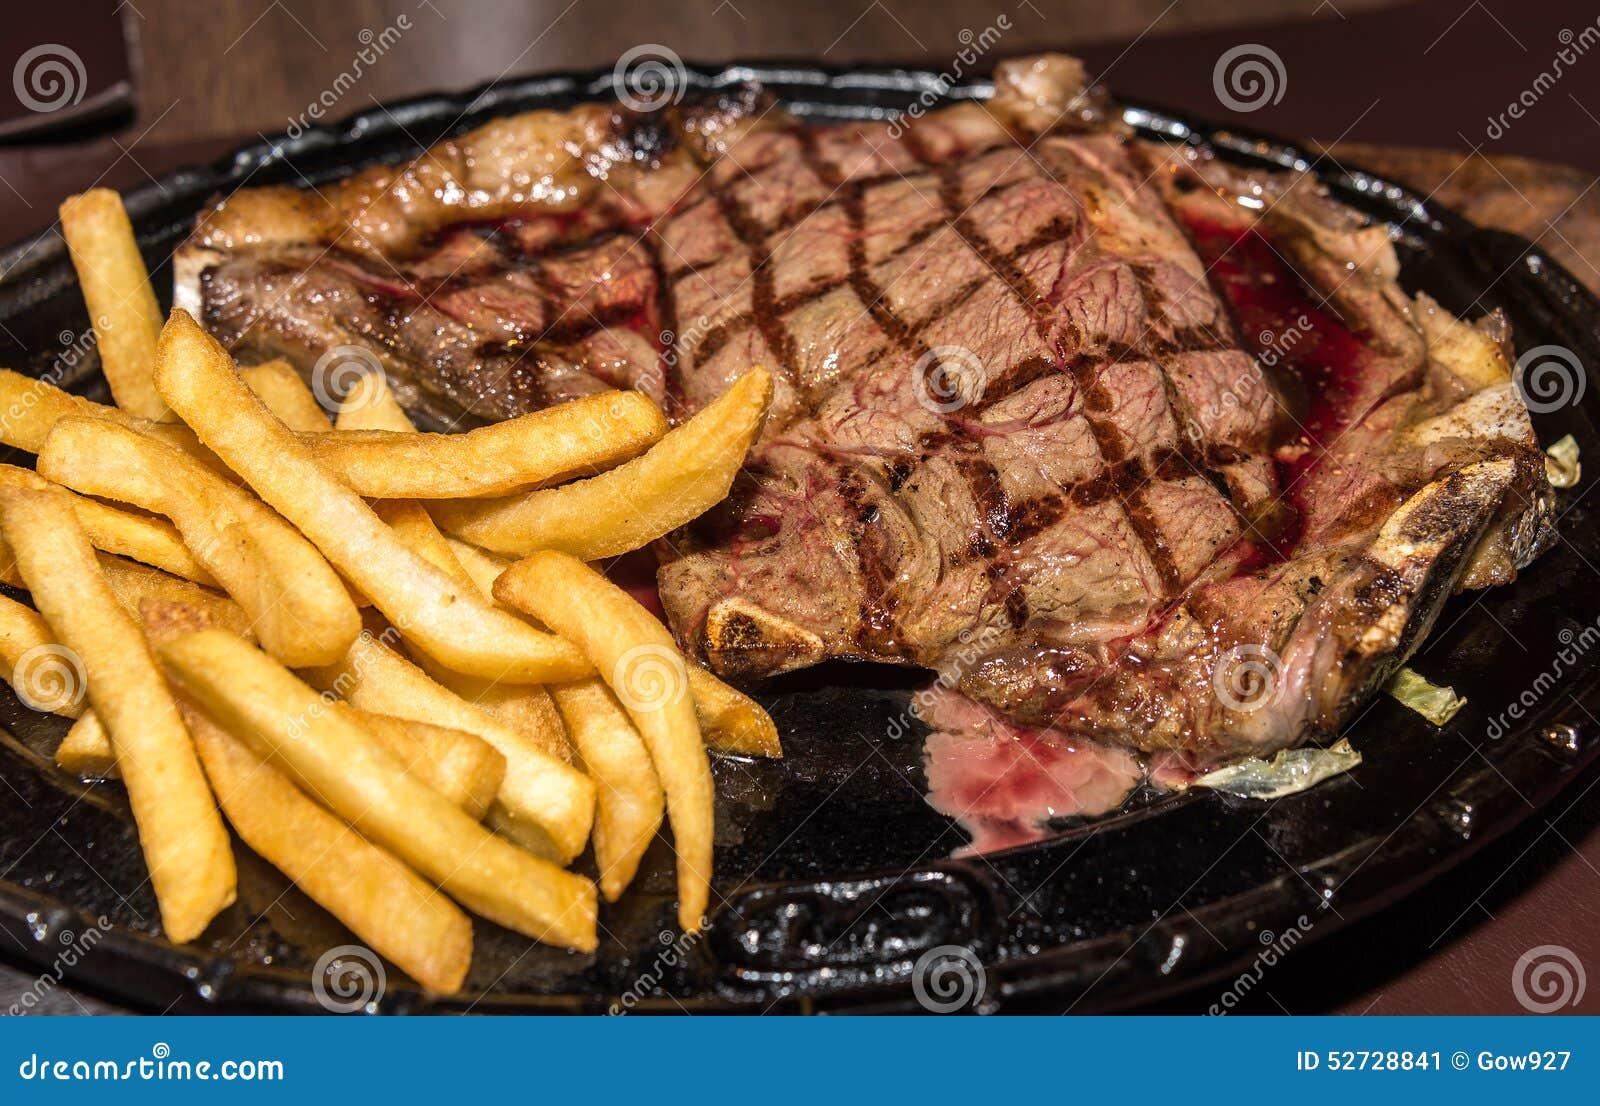 Erstklassiges amerikanisches Prime Rib-Steak mit Pommes-Frites